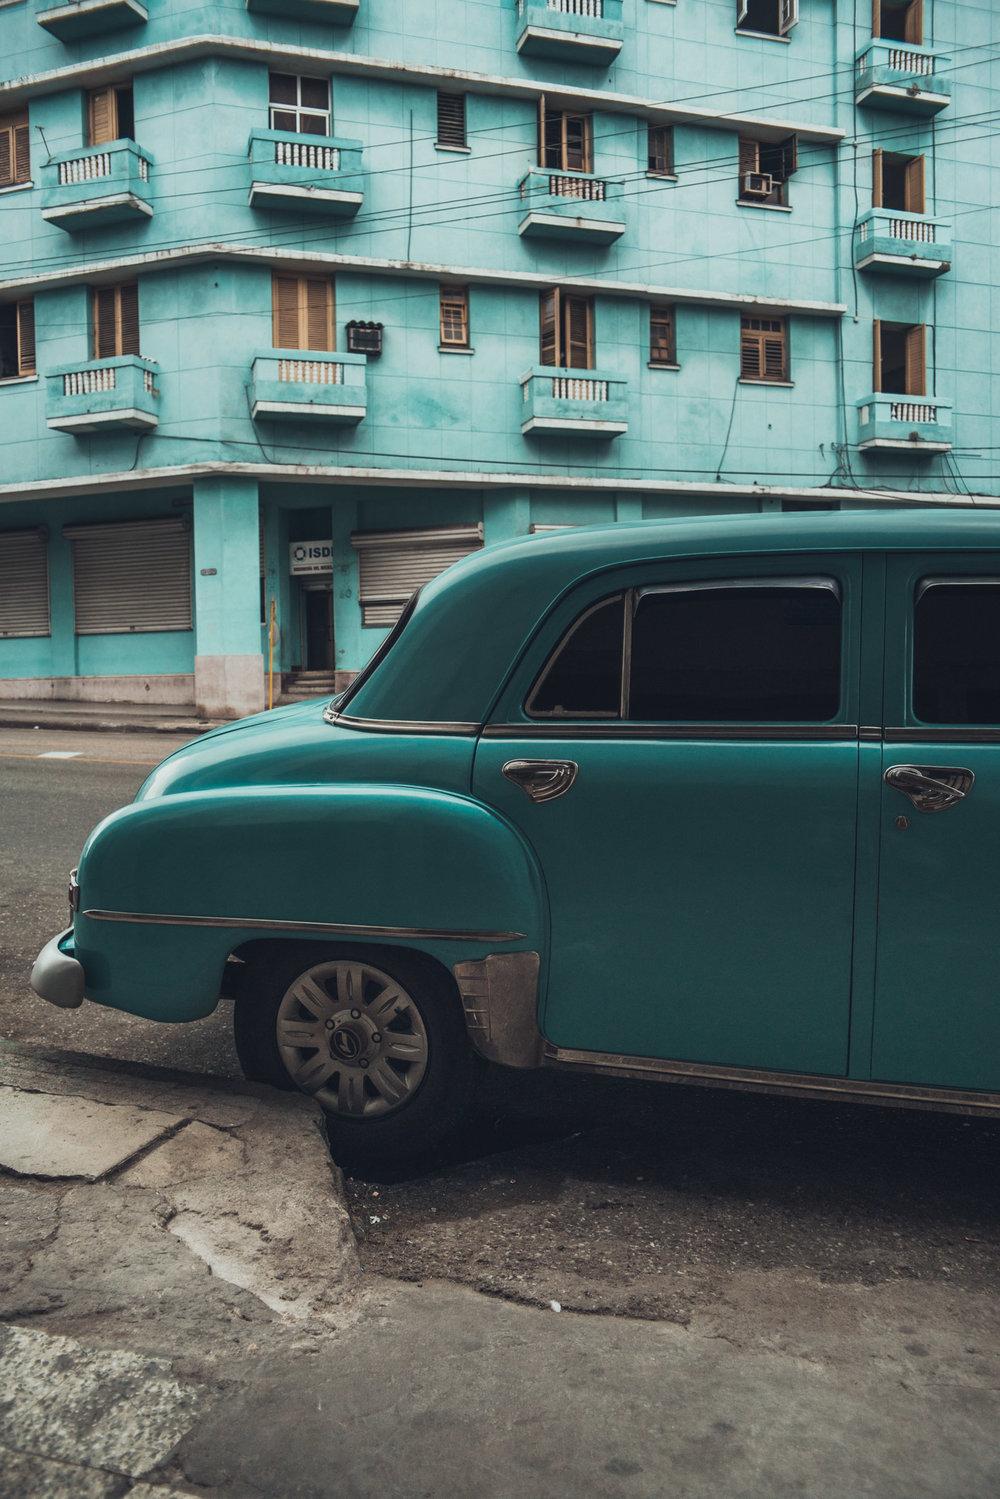 Cuba_StijnHoekstra-66.jpg